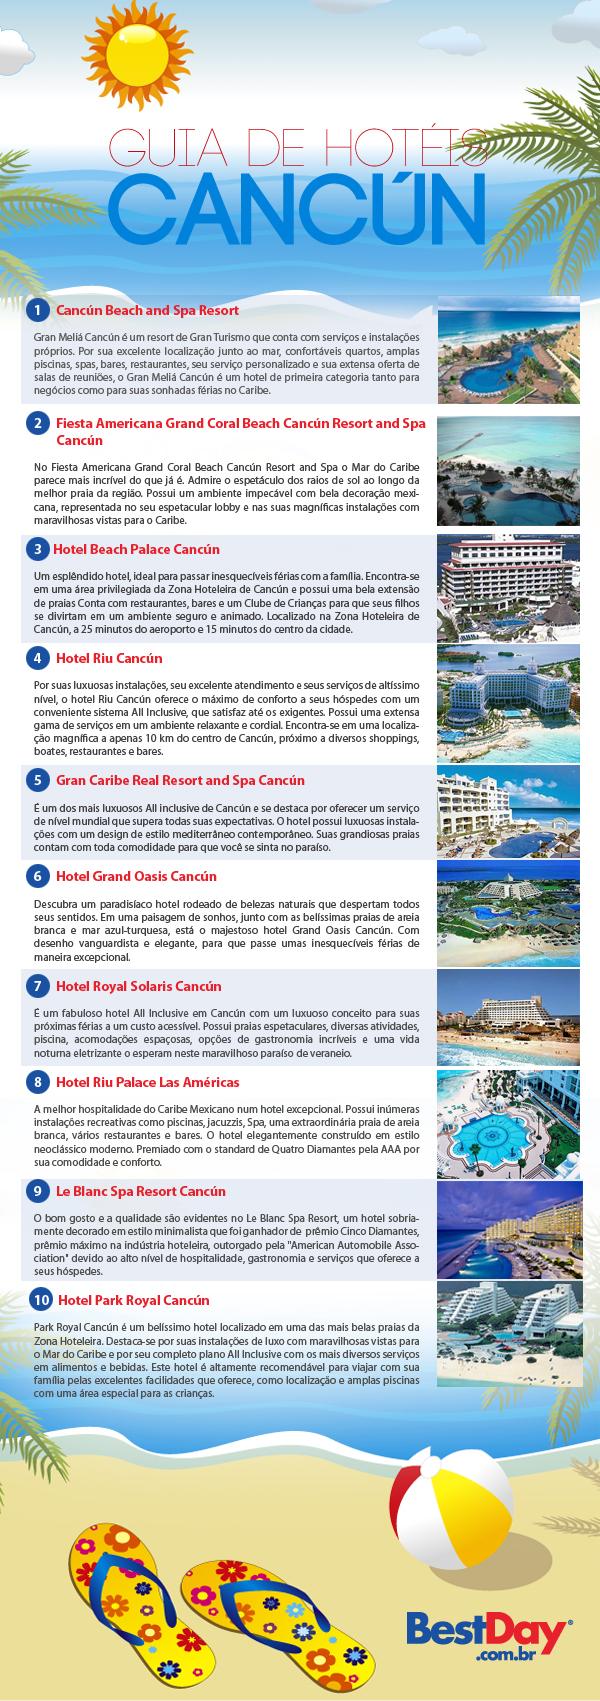 guia de hoteis cancun